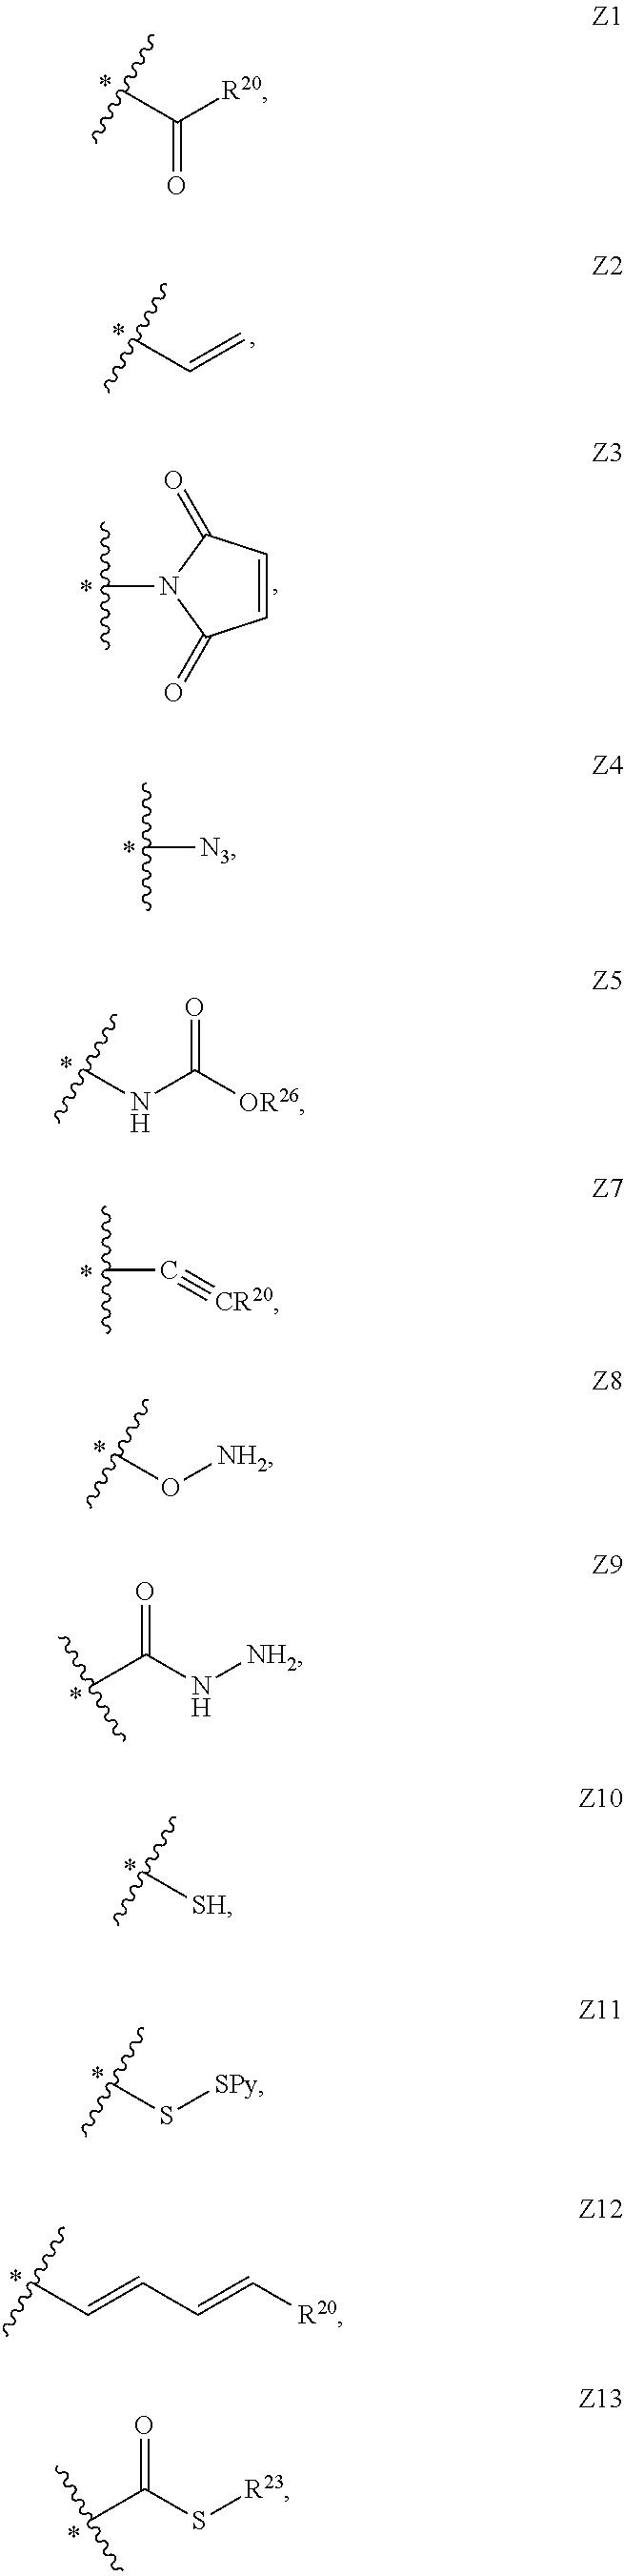 Figure US09764037-20170919-C00015